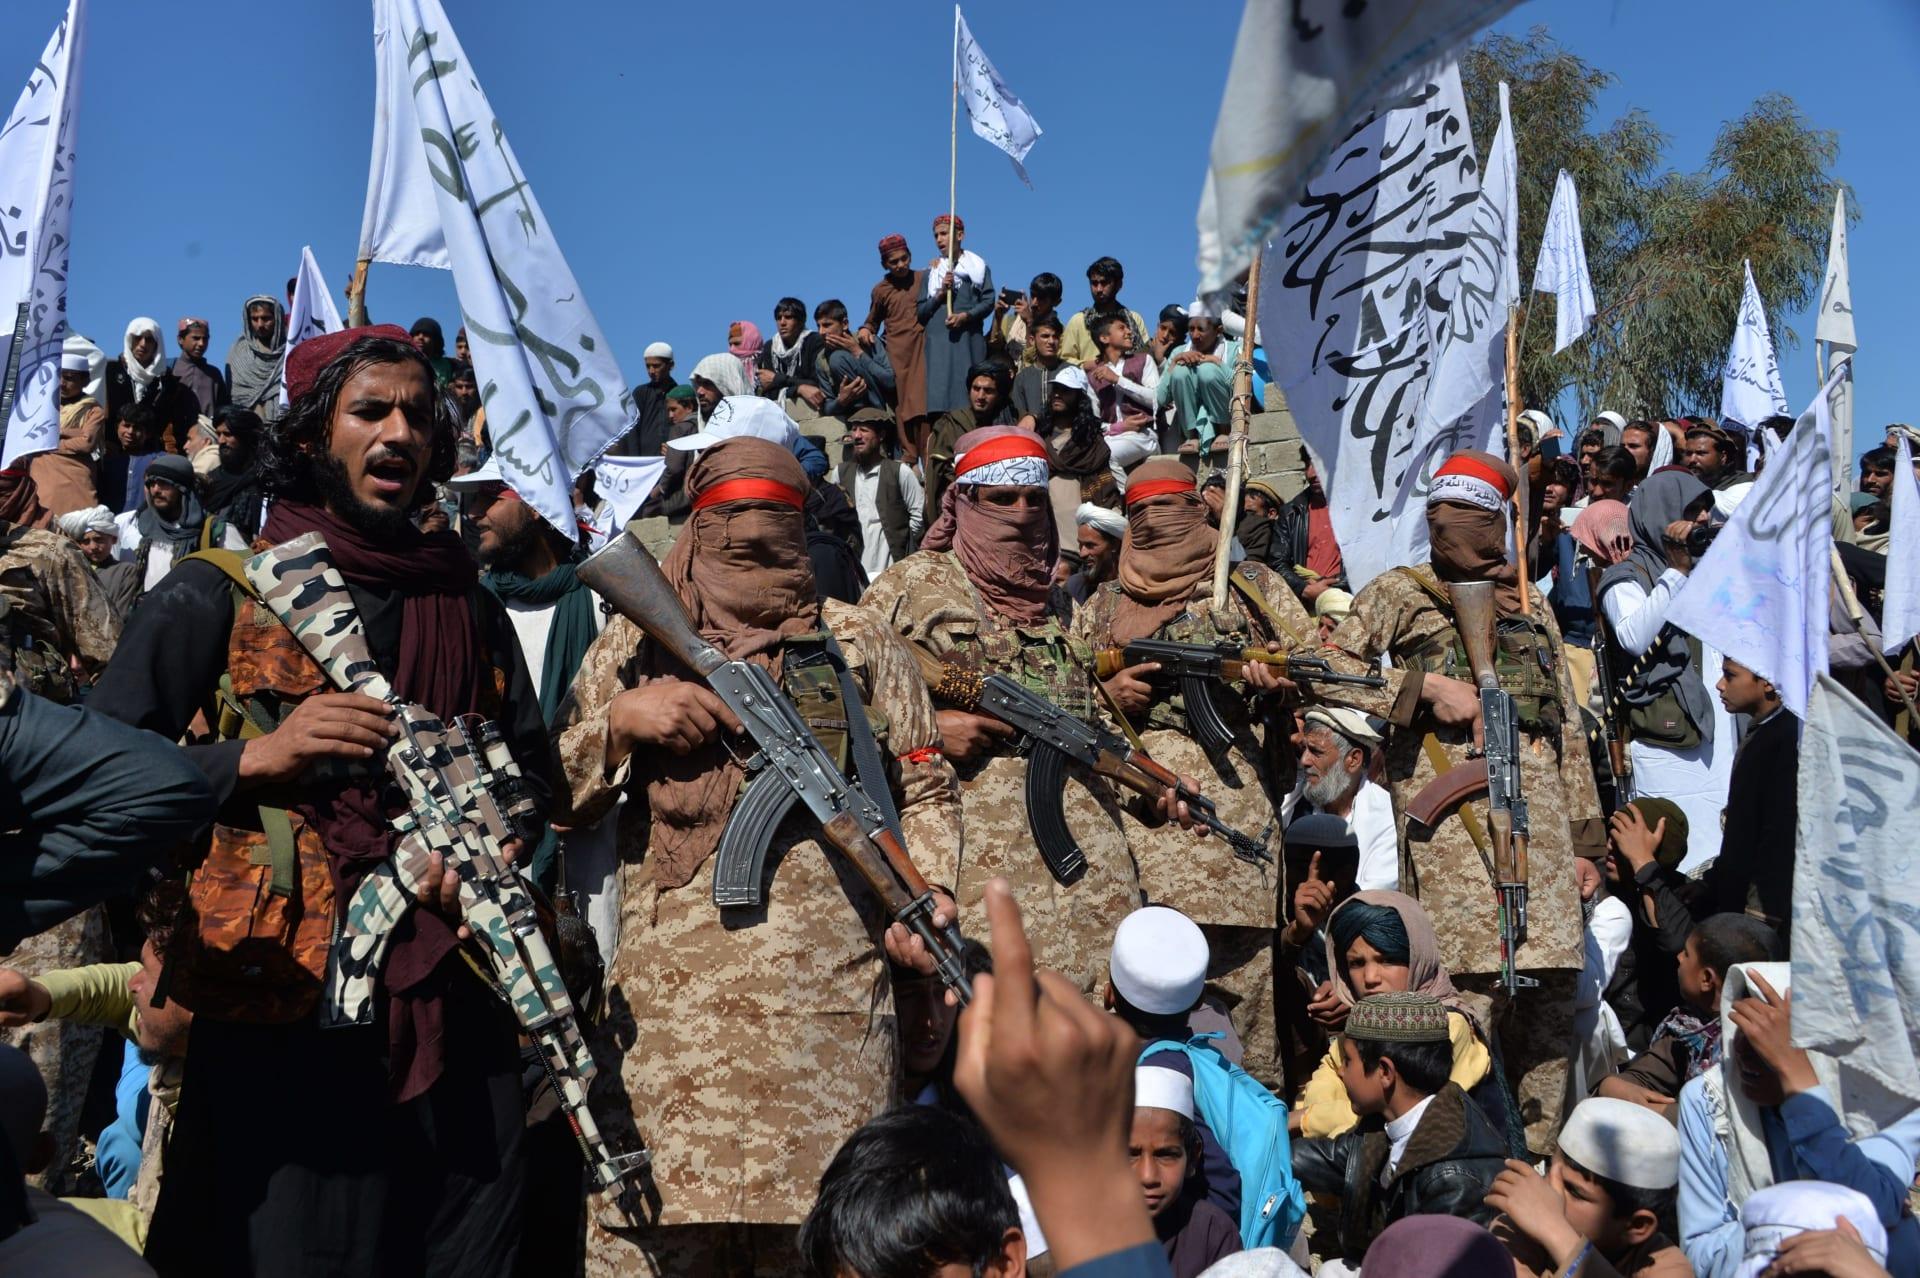 طالبان تشكر الصين على مساعدتها.. وبكين تعد باستمرار العلاقات الجيدة